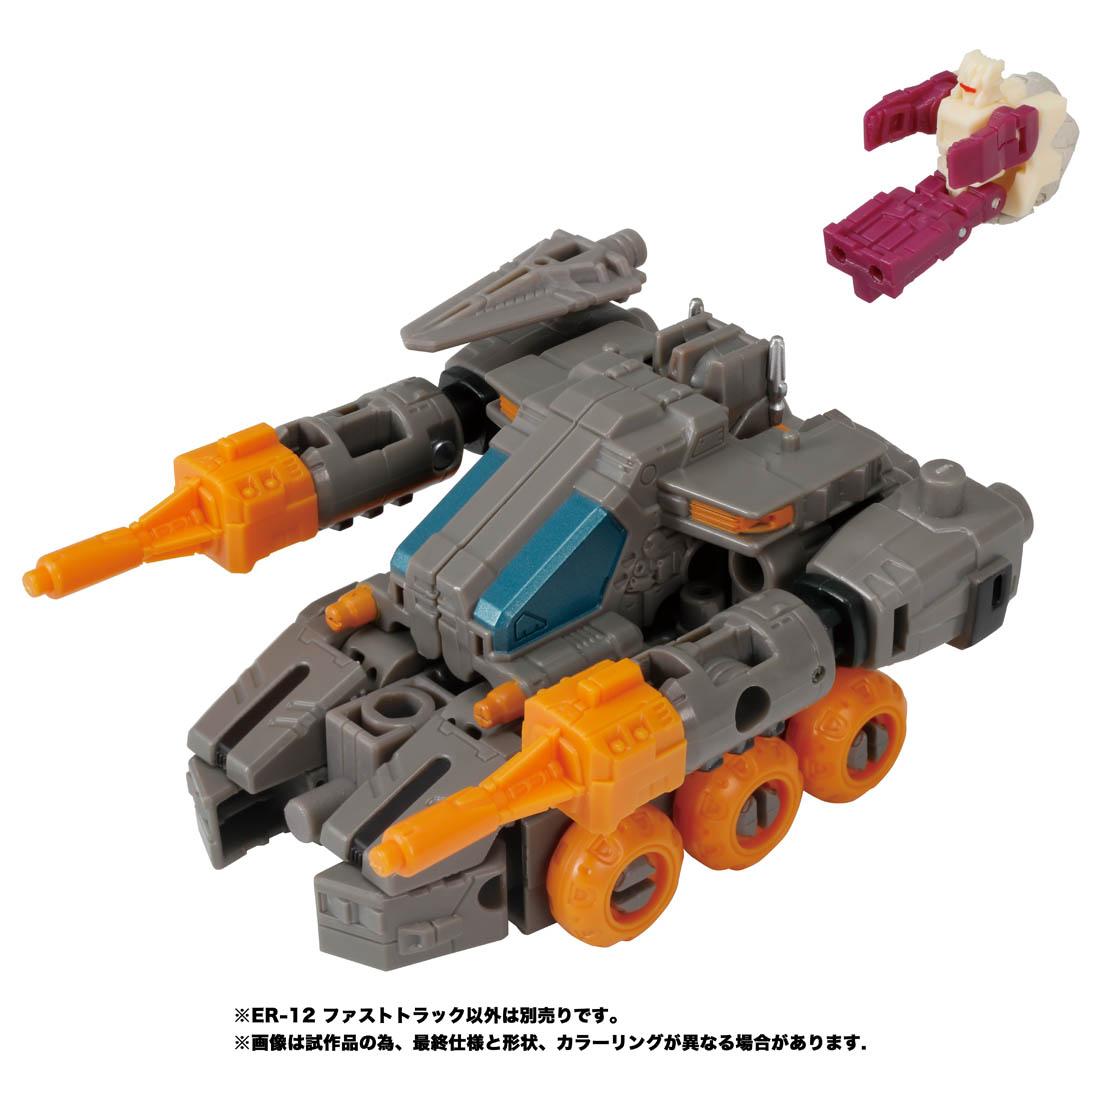 トランスフォーマー アースライズ『ER-12 ファストトラック』可変可動フィギュア-002